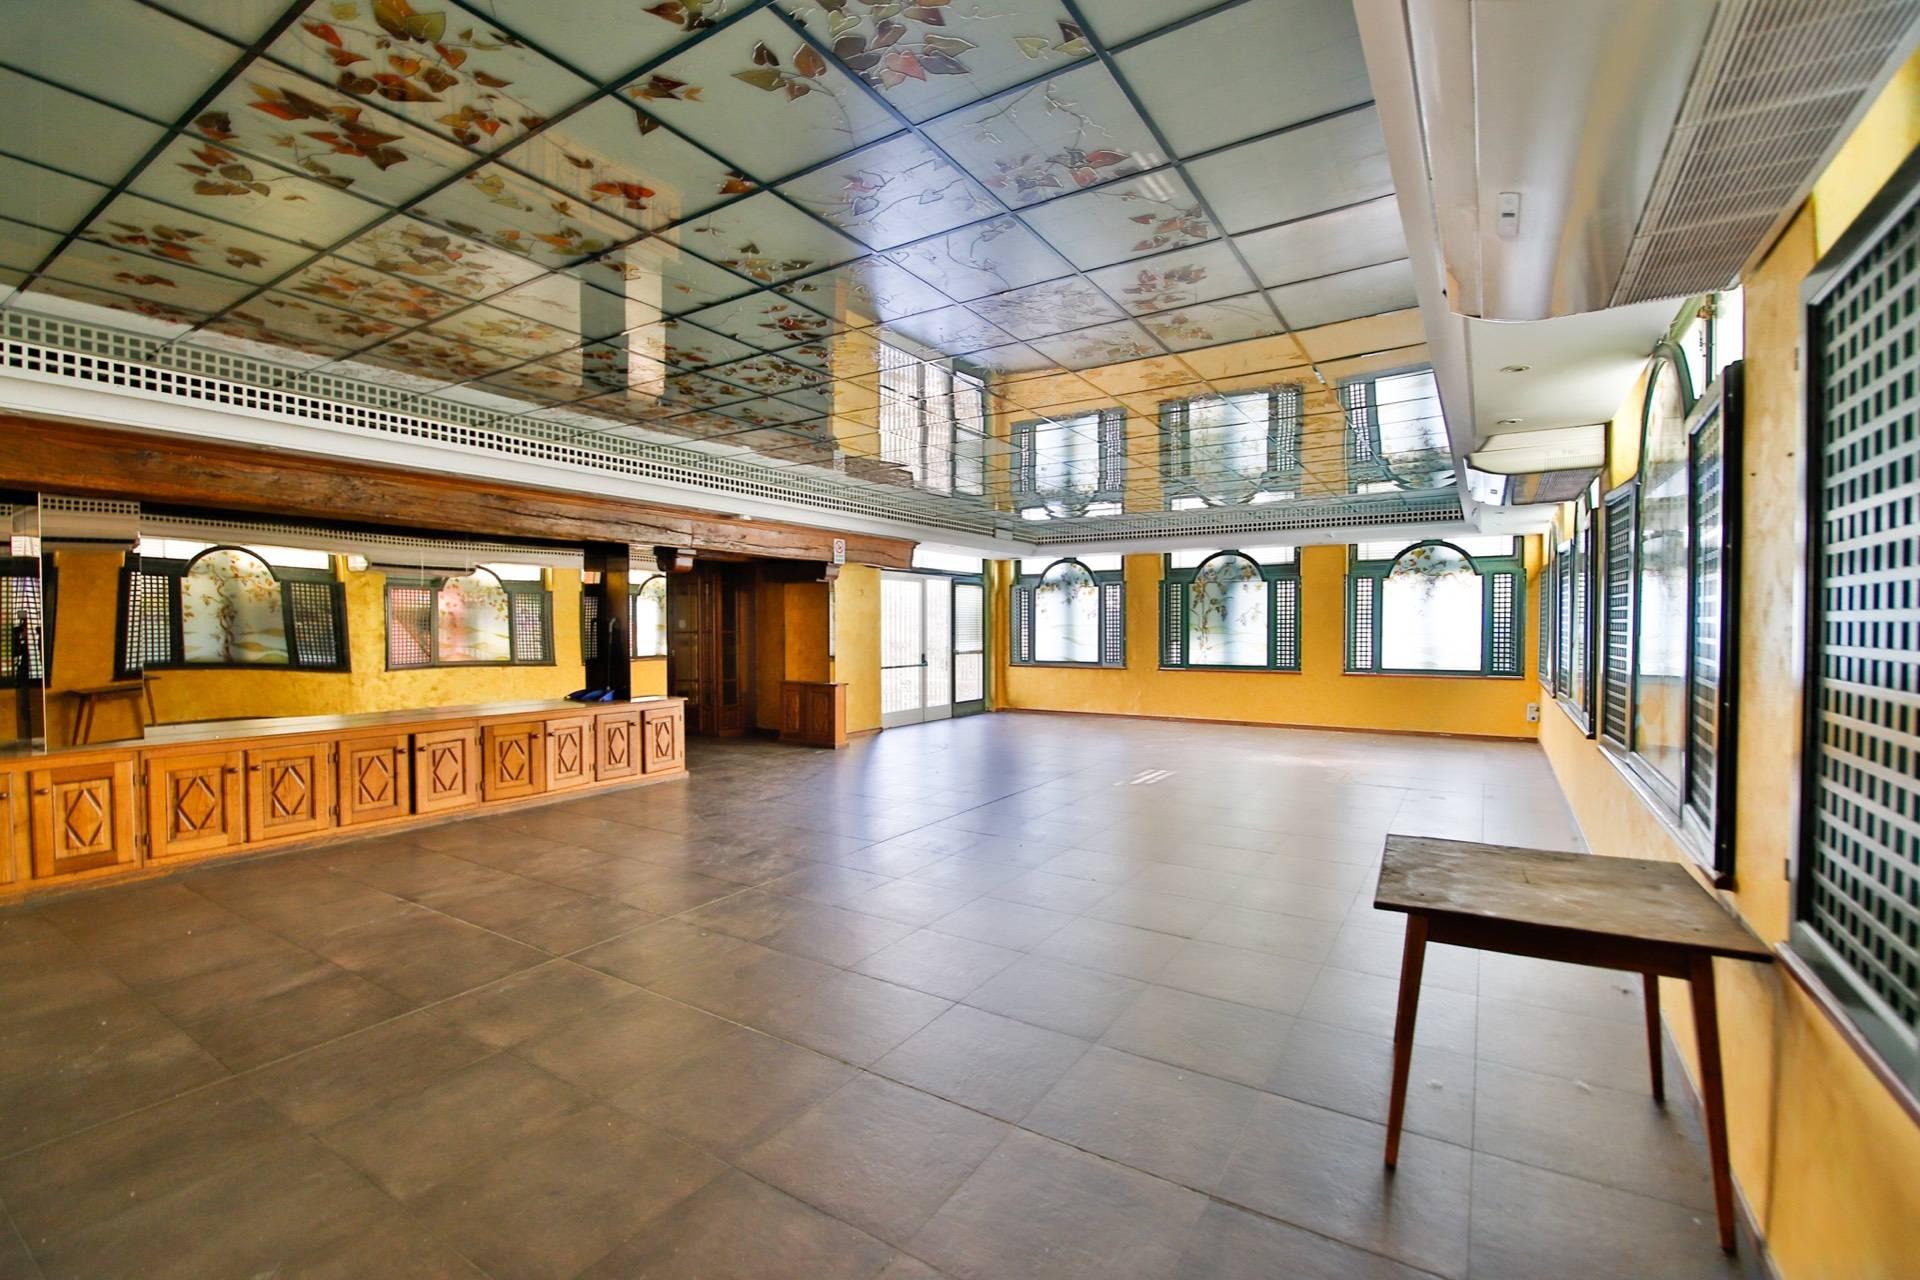 Negozio / Locale in vendita a Torino, 9999 locali, zona Località: BorgoPo, prezzo € 550.000 | CambioCasa.it